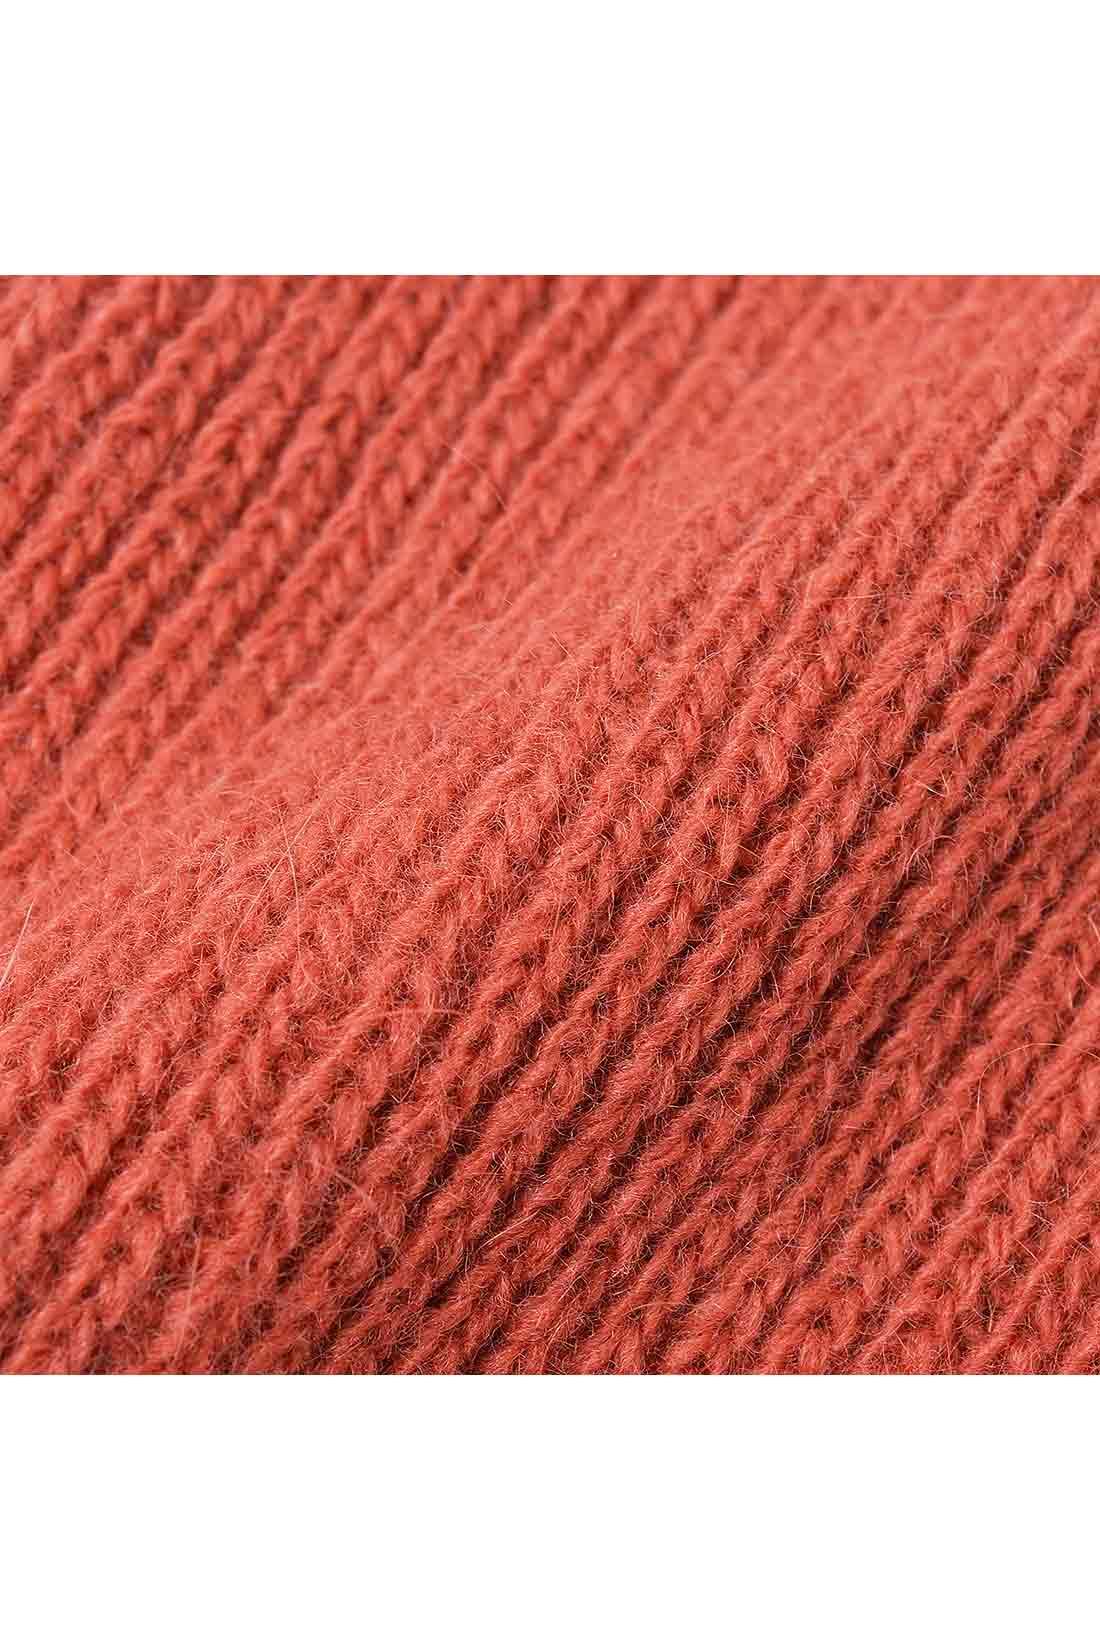 アンゴラ混の厚みのある上質素材が暖かなはき心地。ふんわりかわいい表情です。